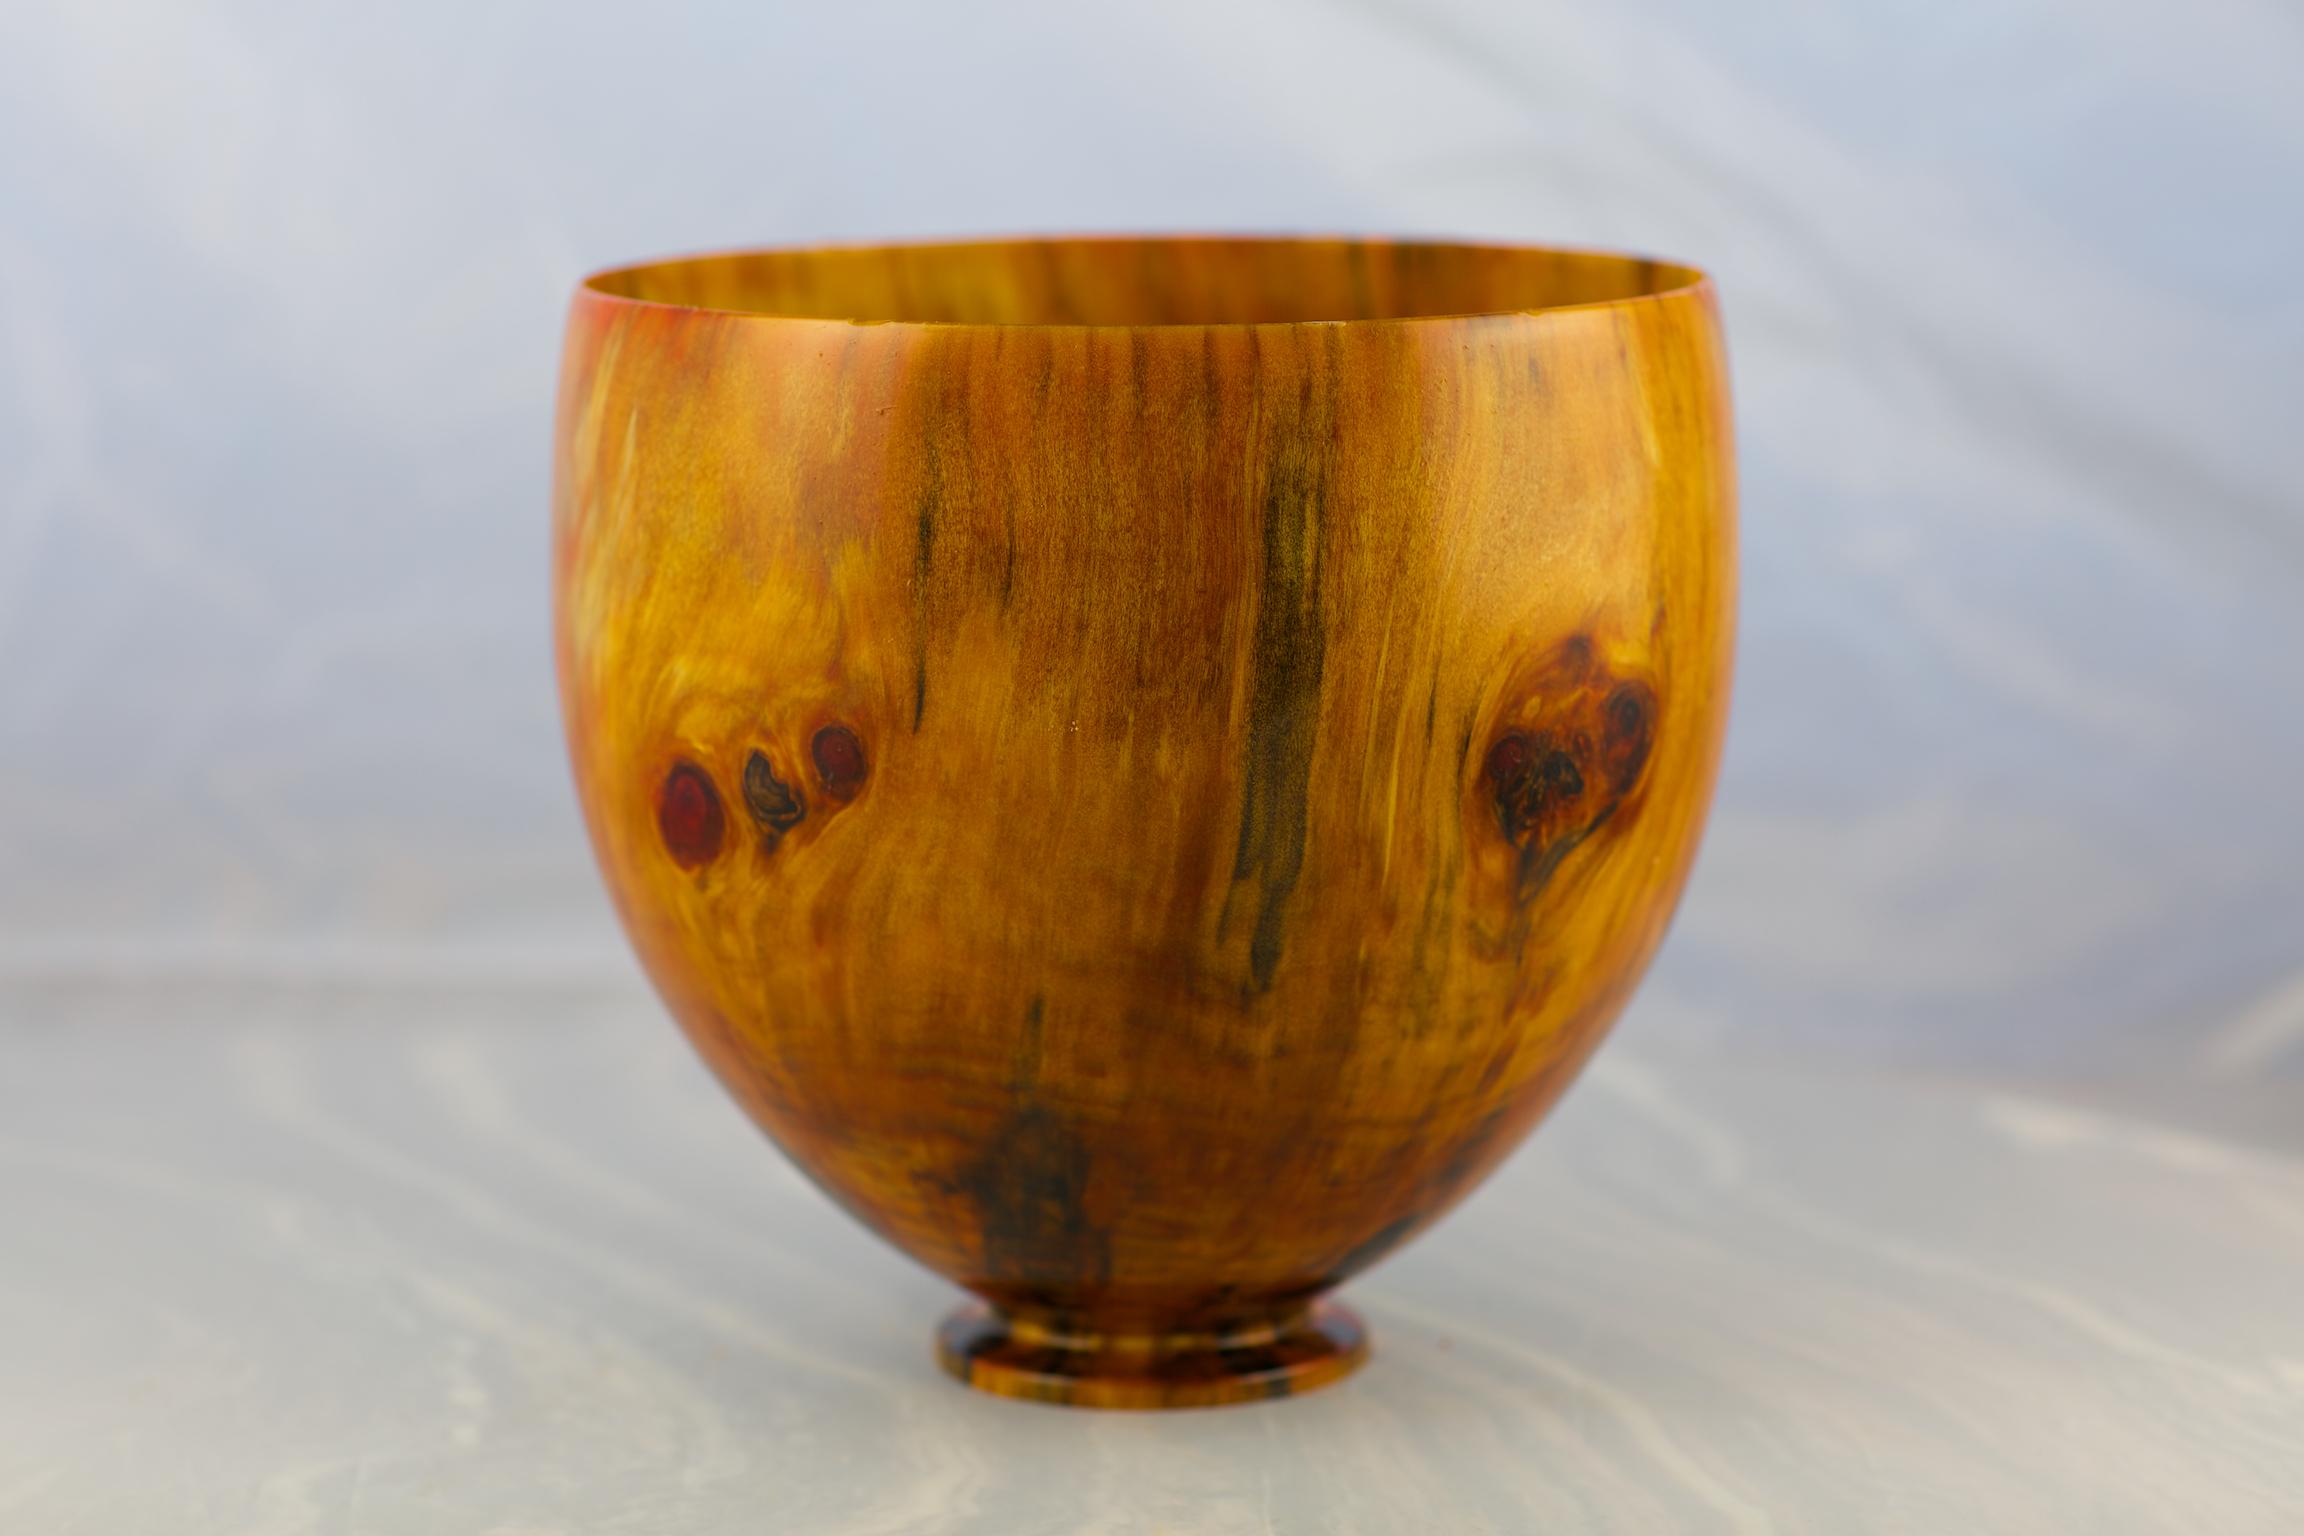 Wood3-1